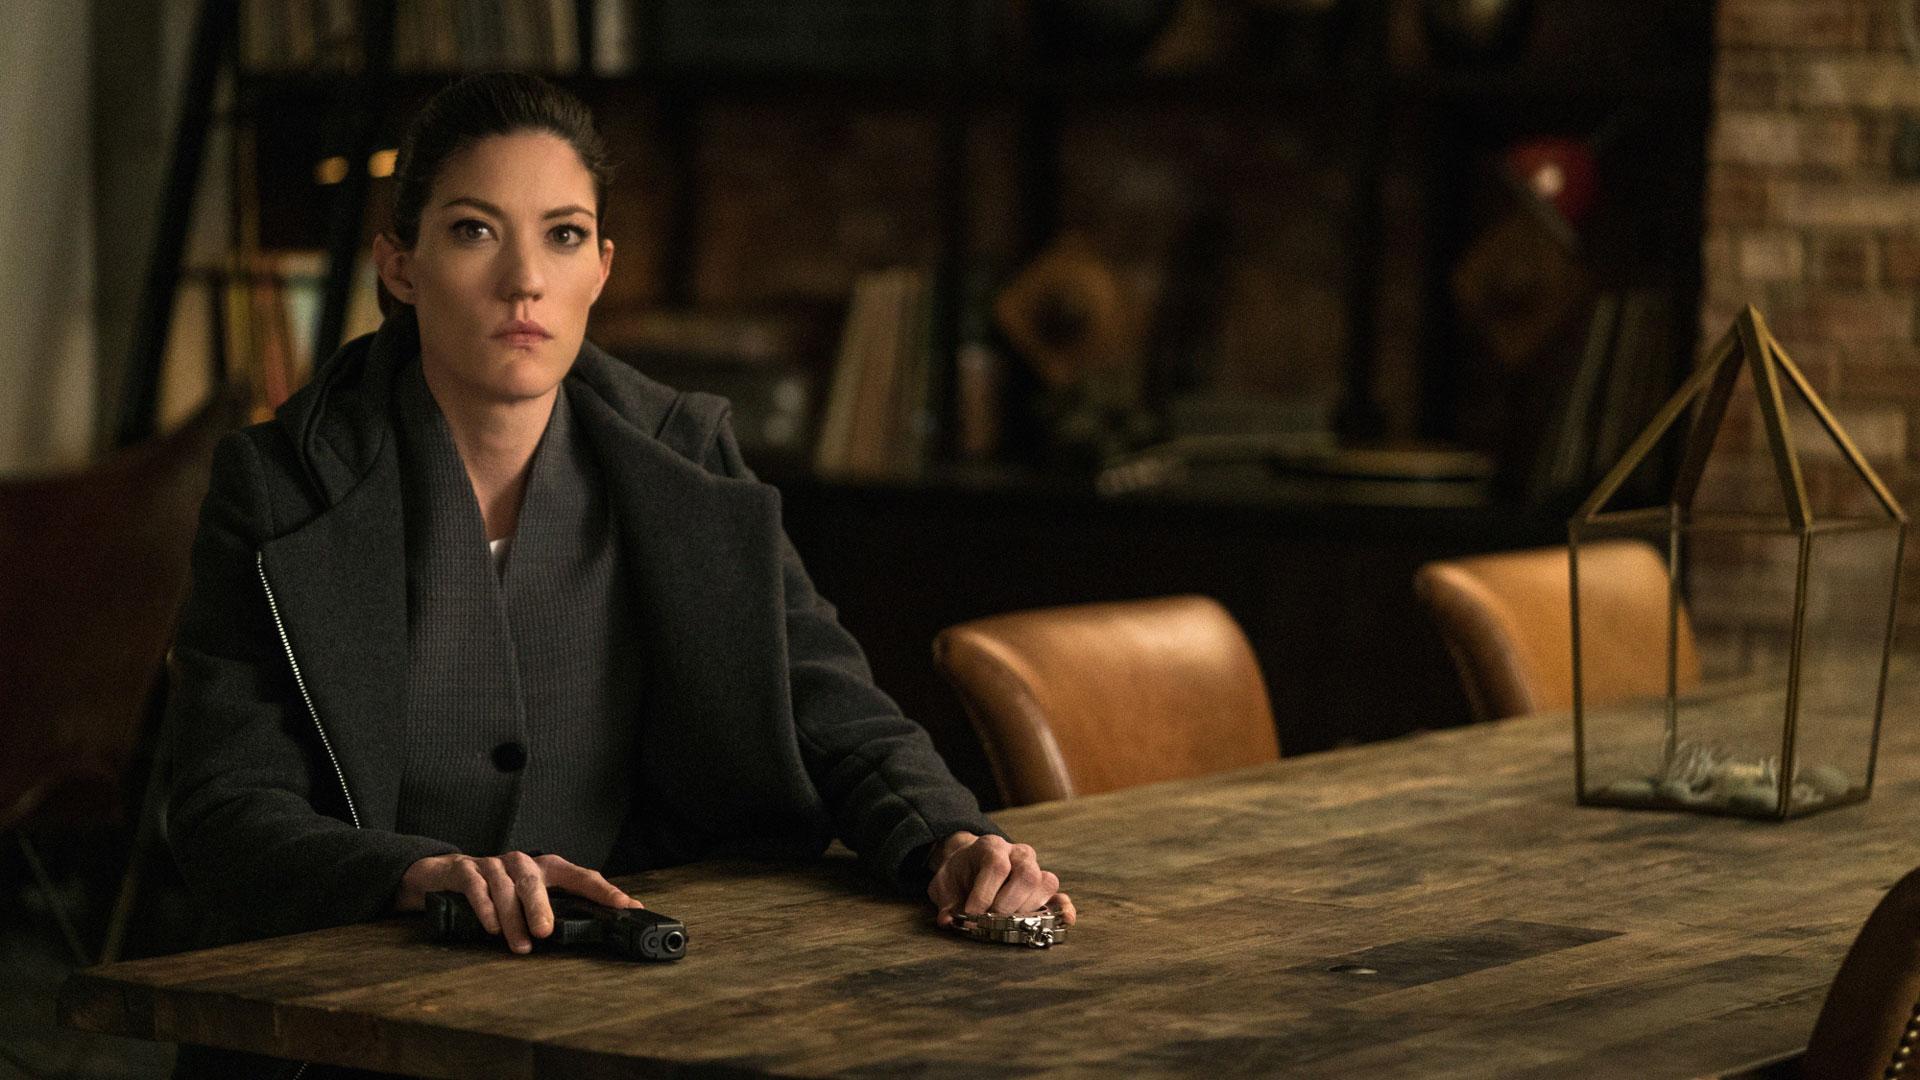 Jennifer Carpenter as Agent Rebecca Harris